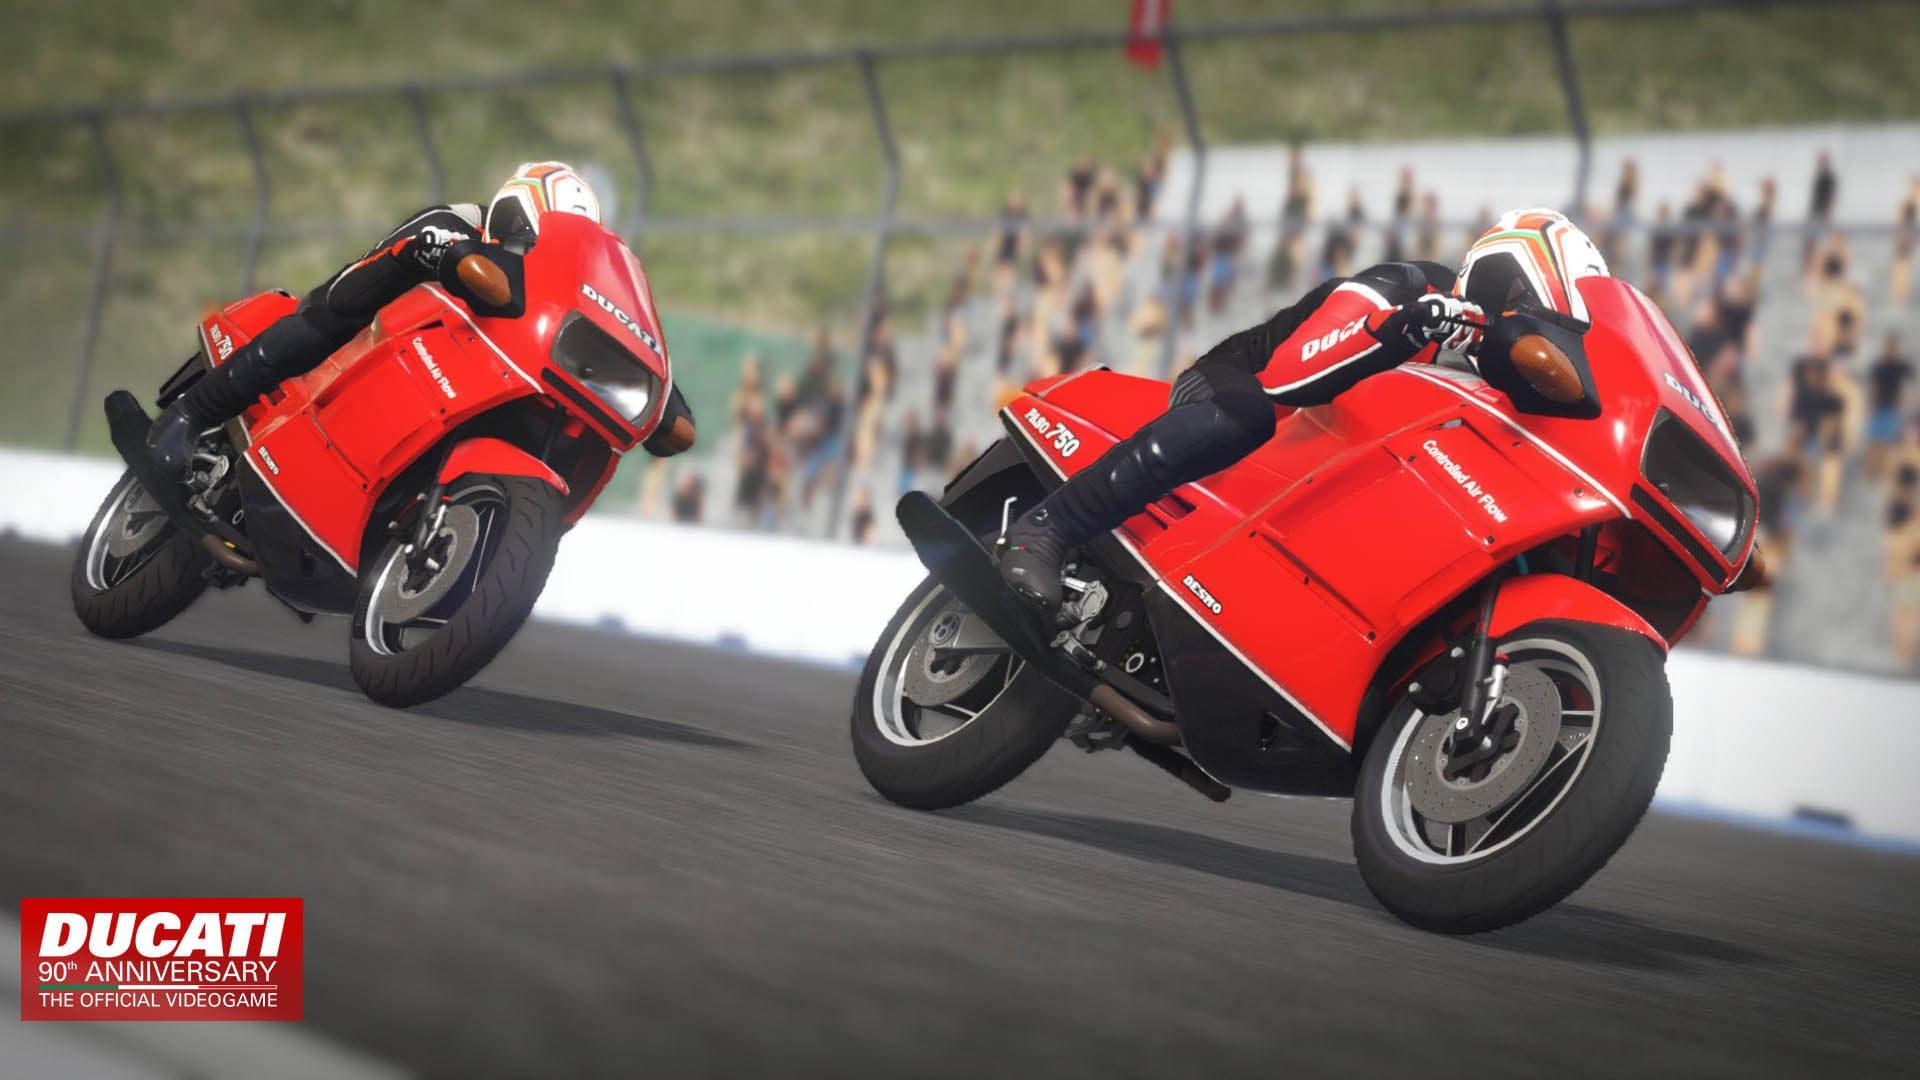 Ducati - 90th Anniversary Xbox